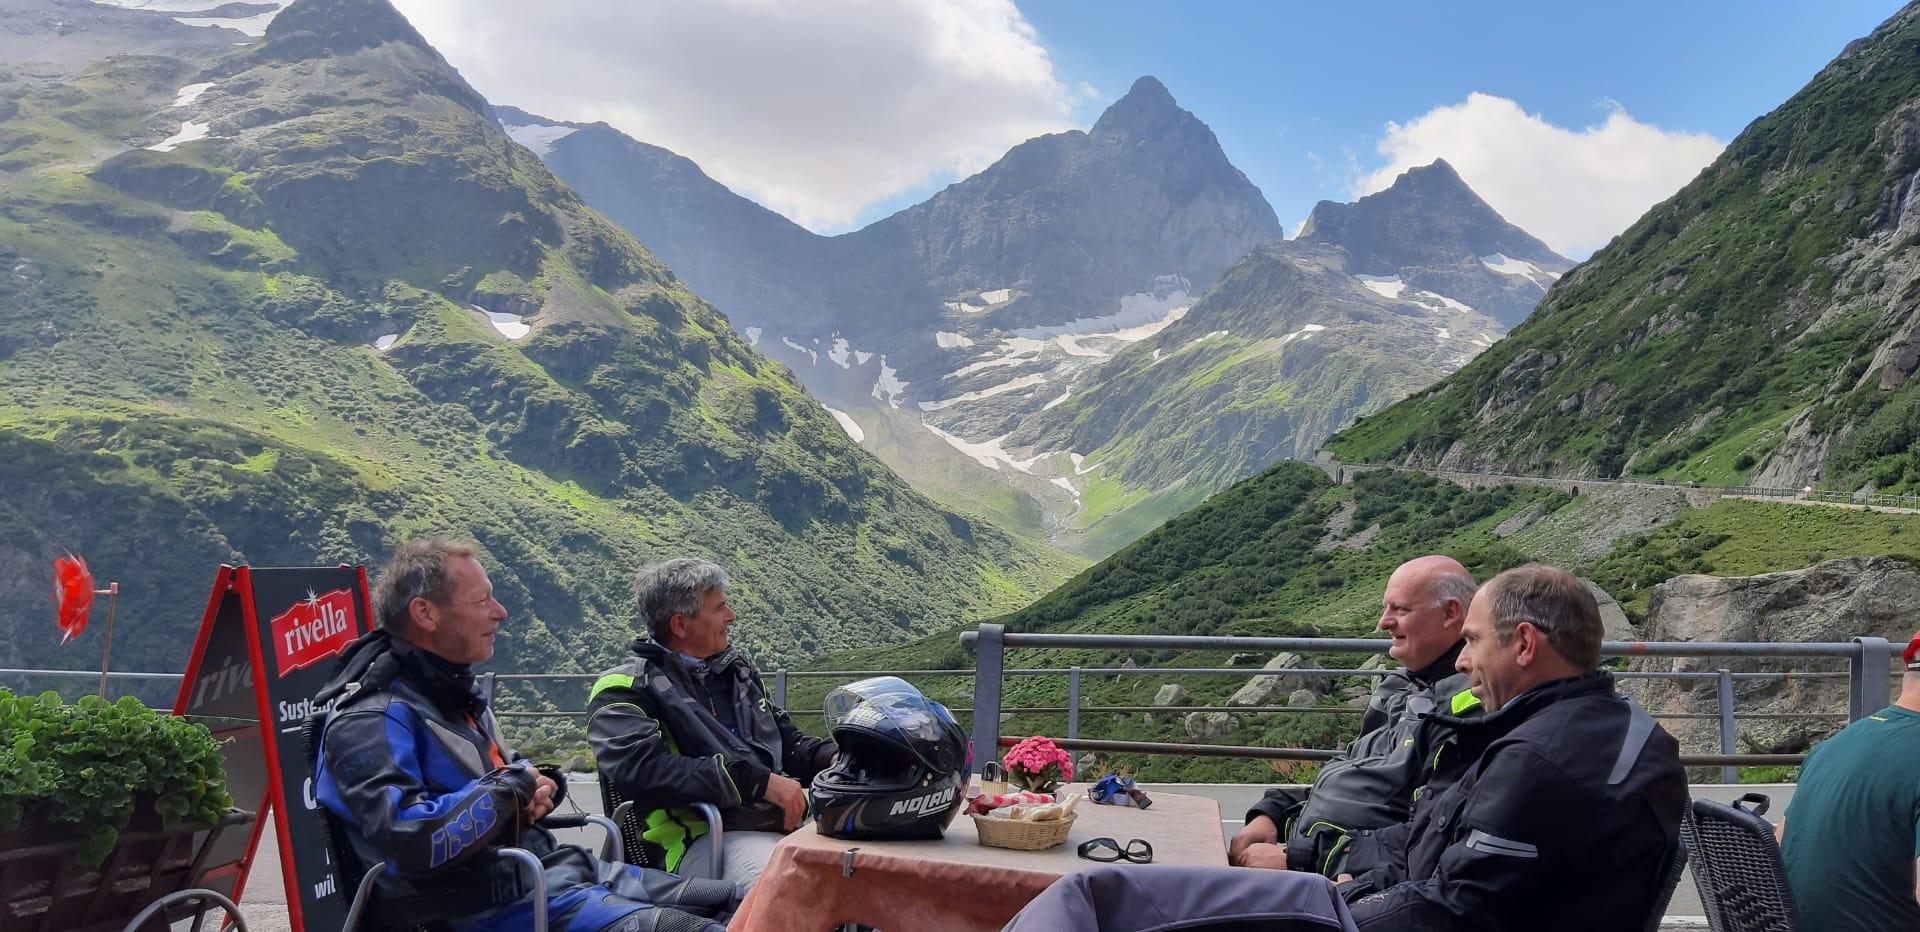 2019-08-11 Camping Binntal (30)